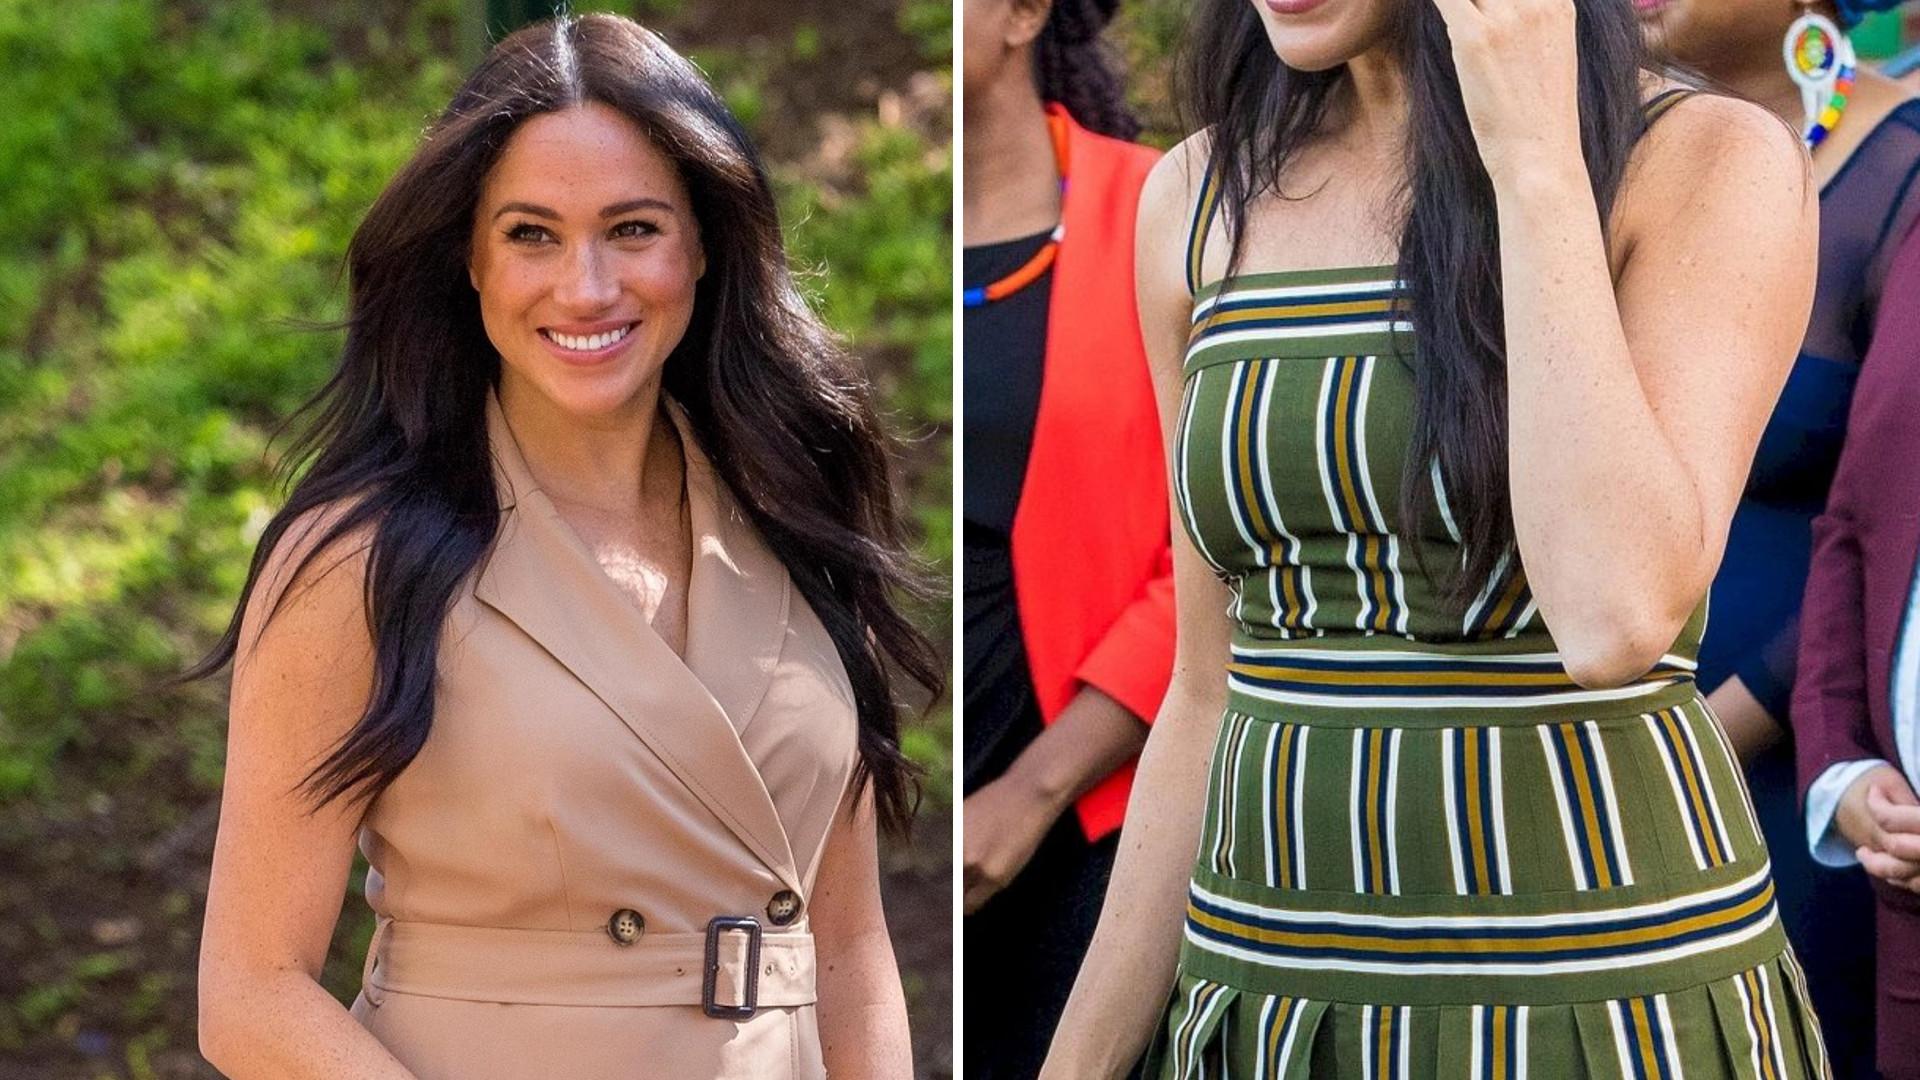 Meghan Markle powinna ZMIENIĆ stylistkę? Jej sylwetka po ciąży NIE wygląda dobrze w ubraniach sprzed roku (ZDJĘCIA)